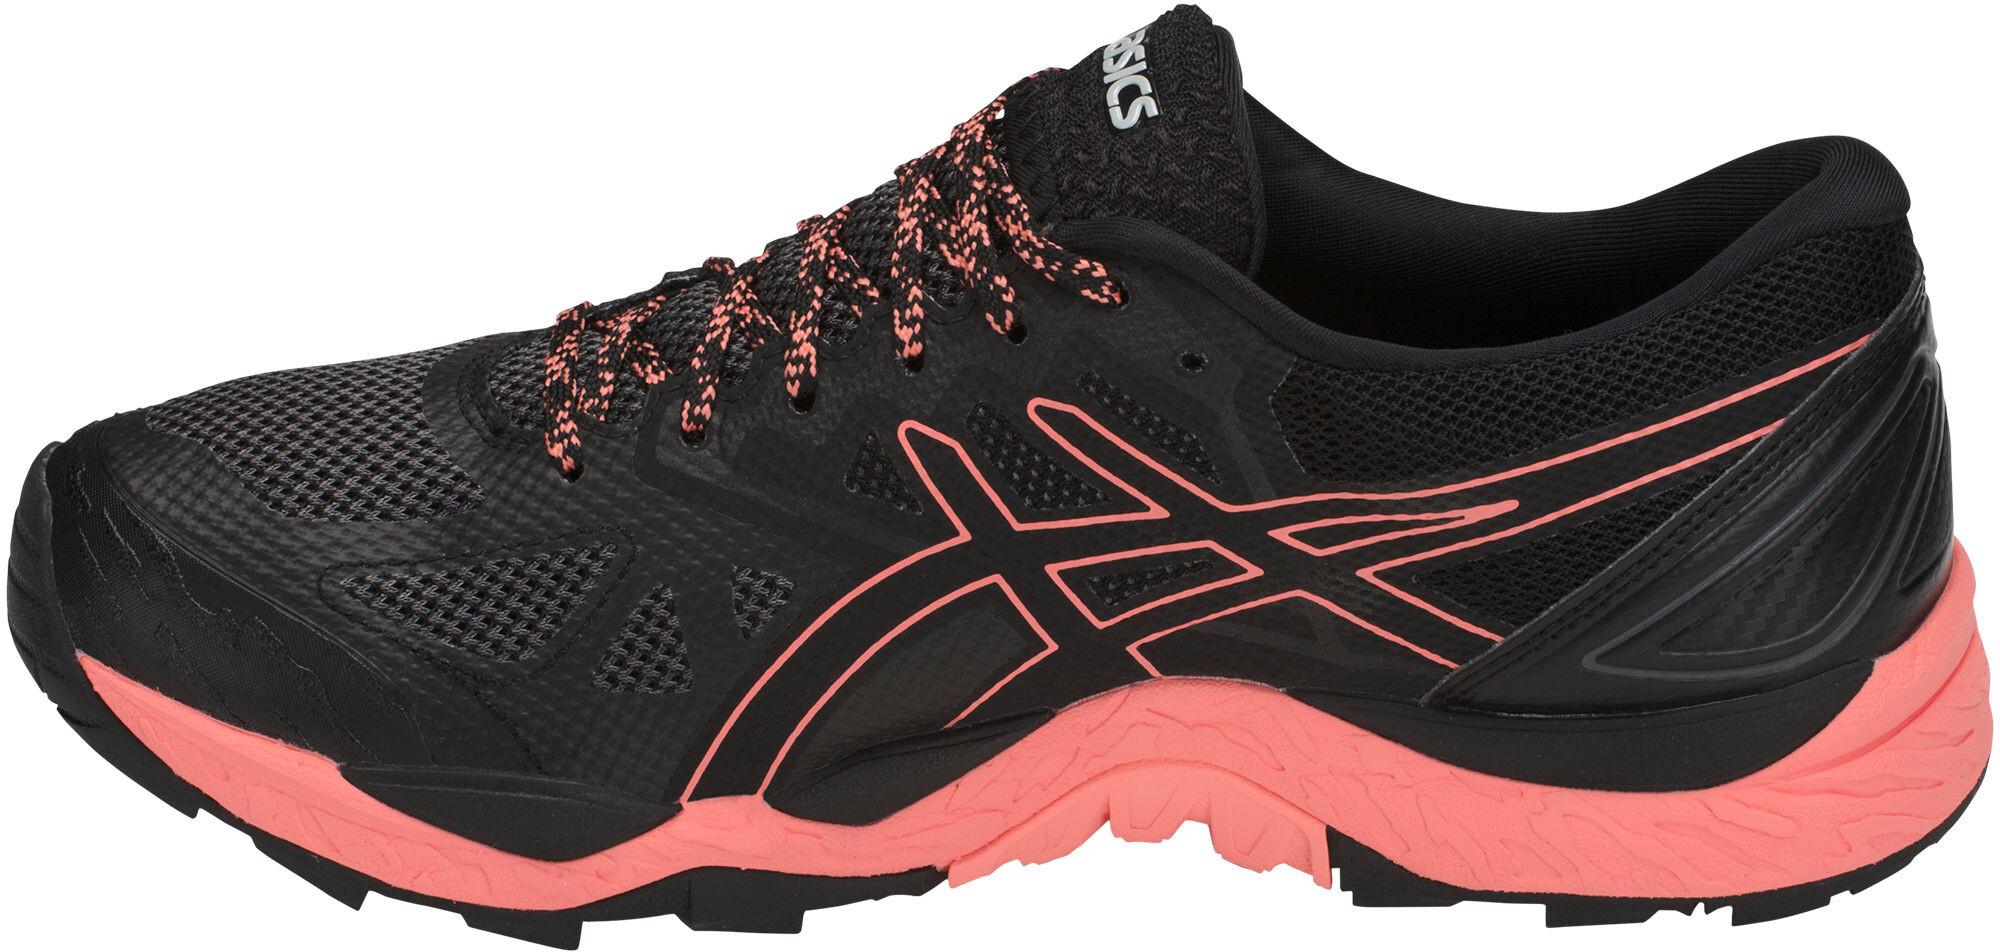 asics Gel-Fujitrabuco 6 G-TX - Zapatillas running Mujer - rojo ... f68f9742da26c